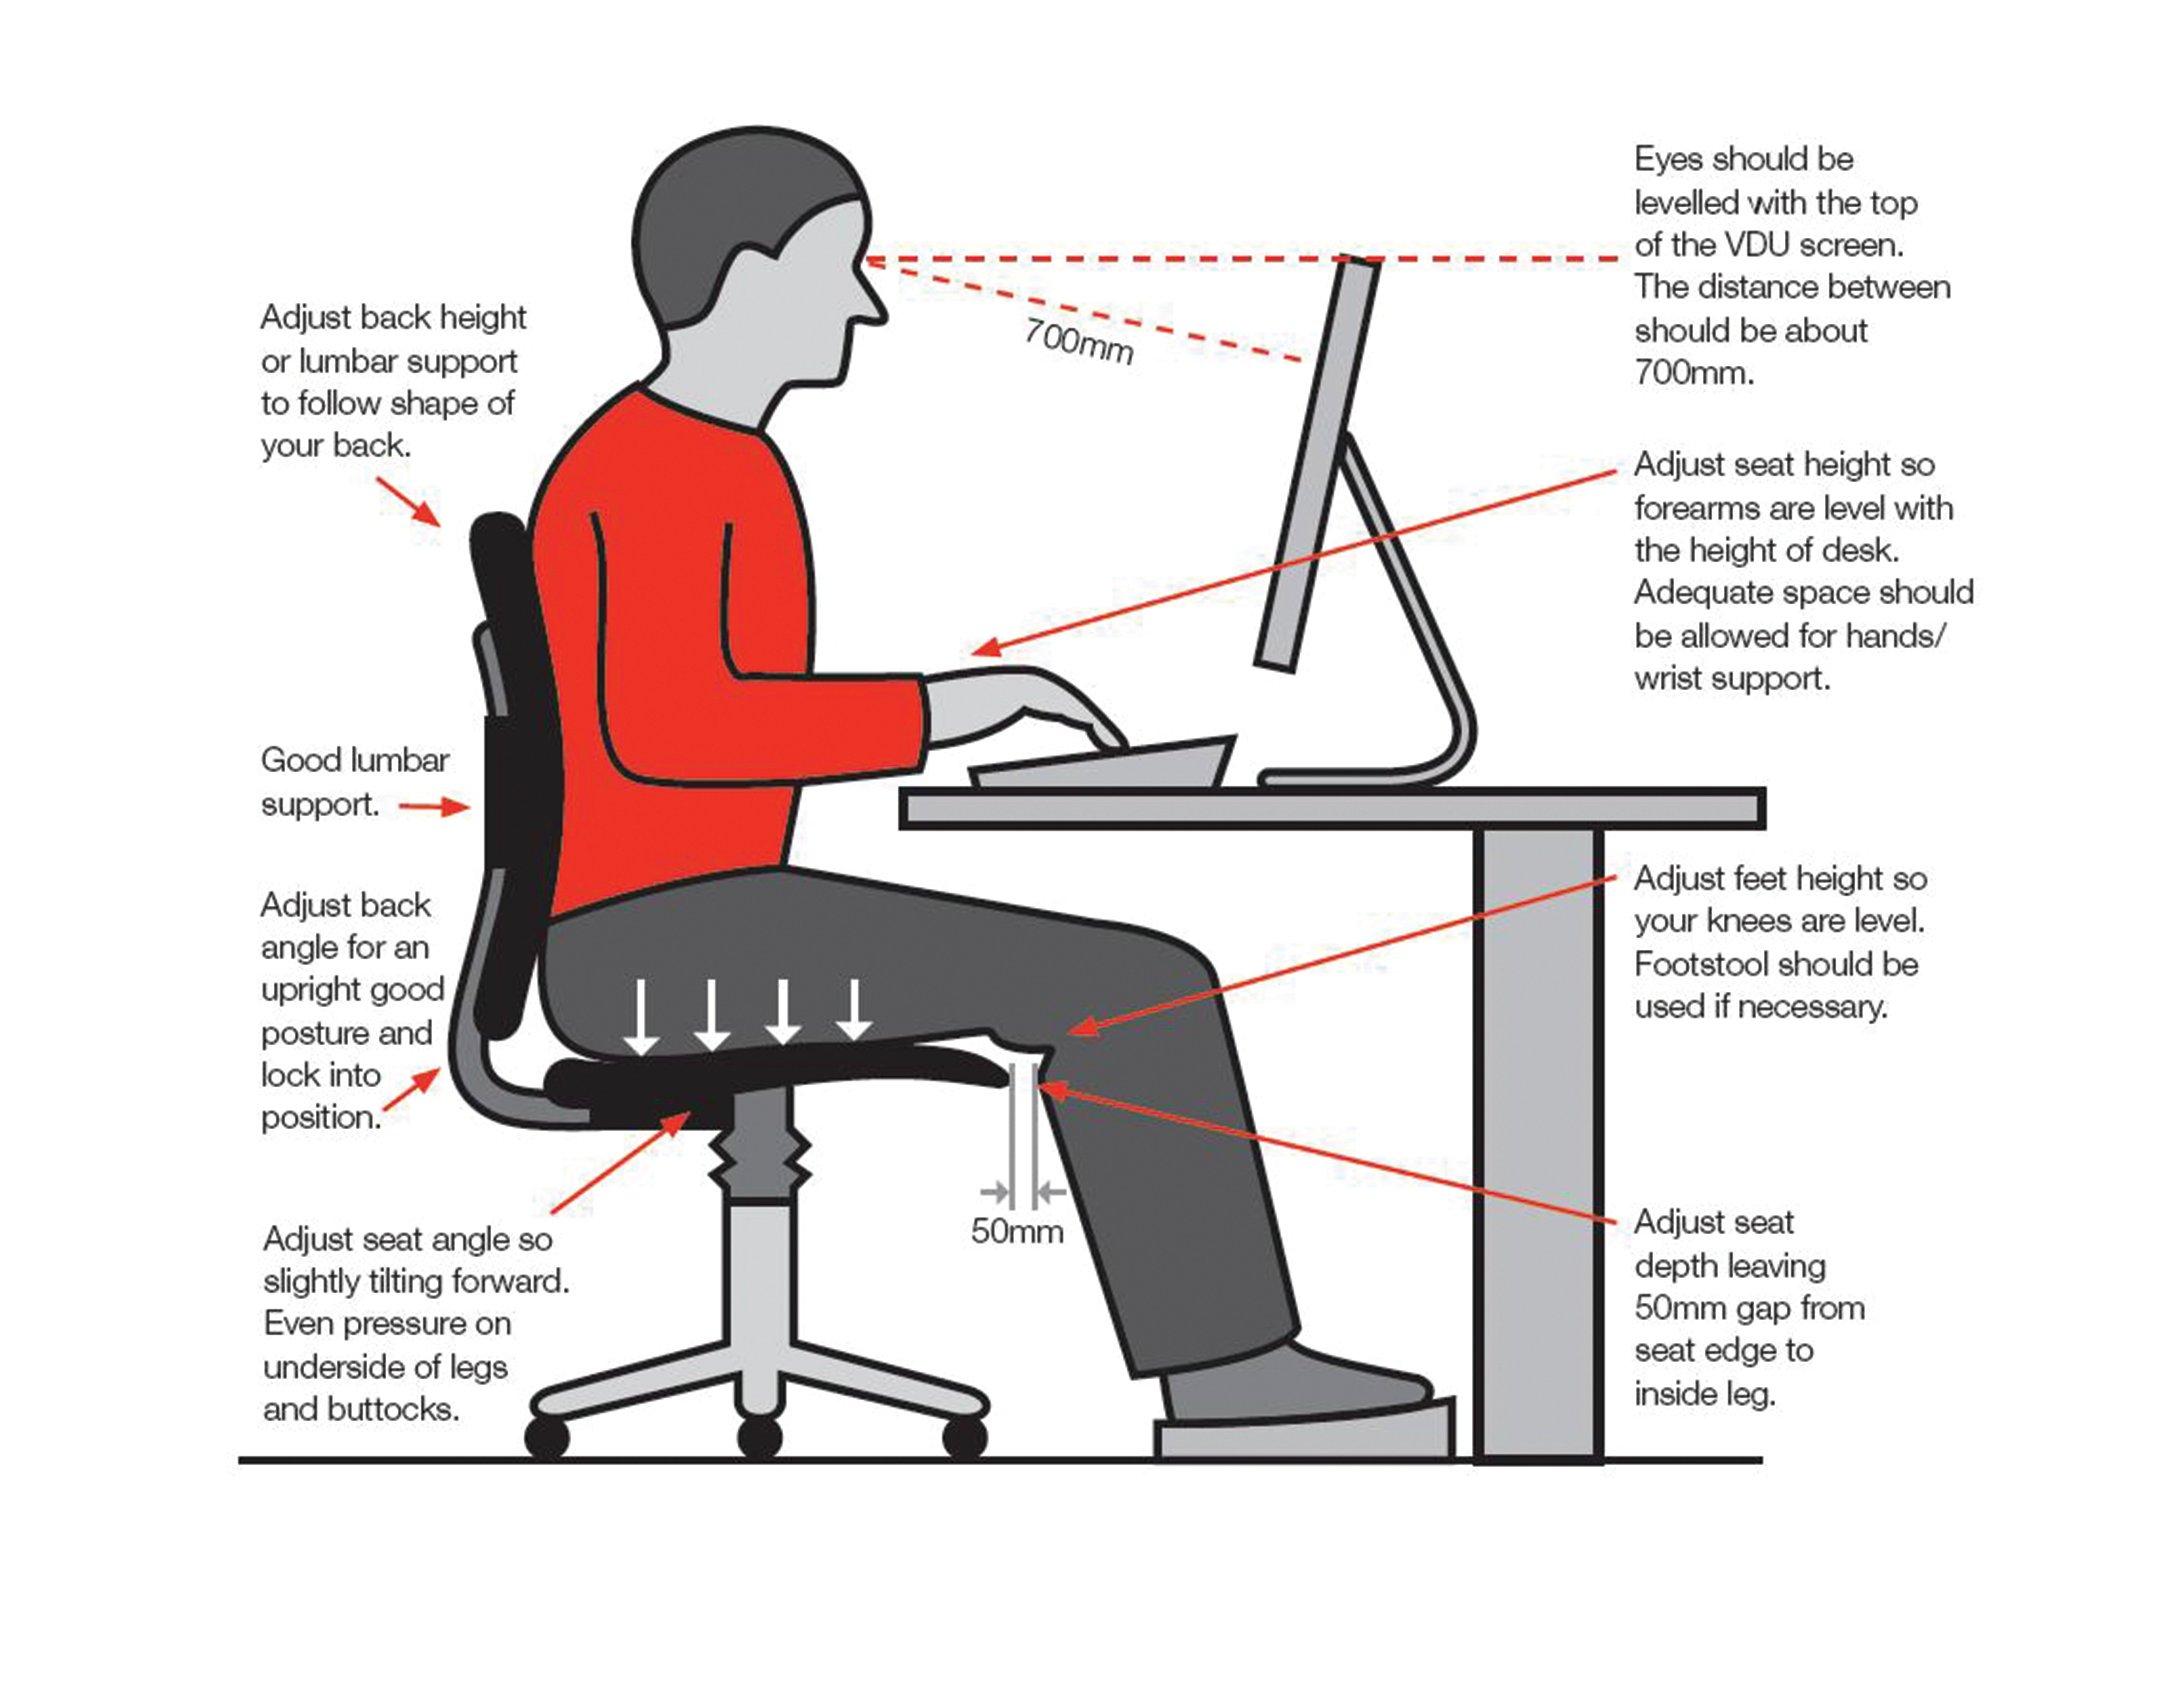 sitting_correctly